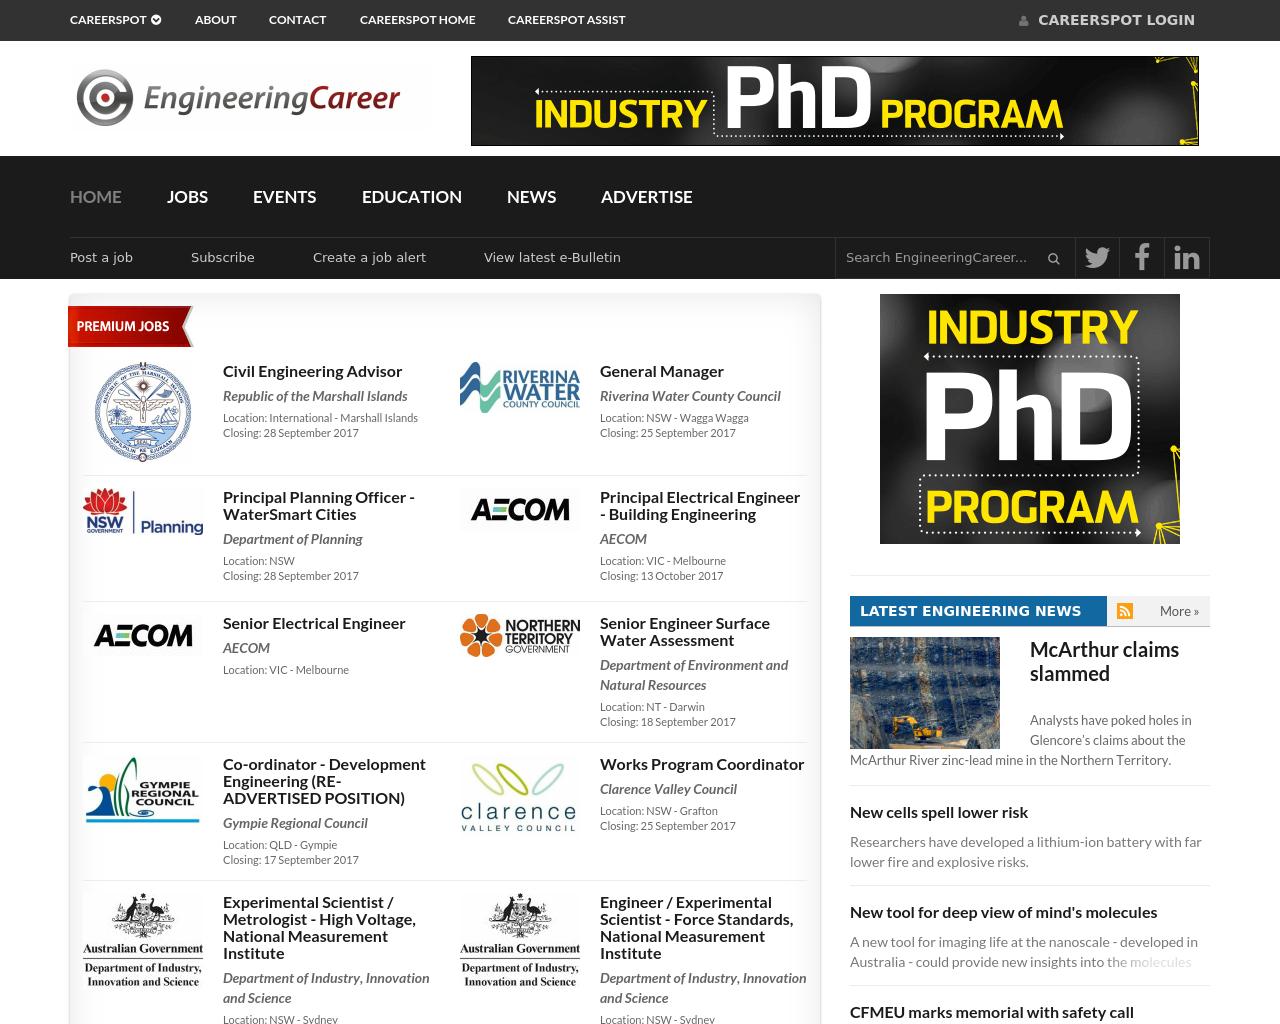 EngineeringCareer-Advertising-Reviews-Pricing